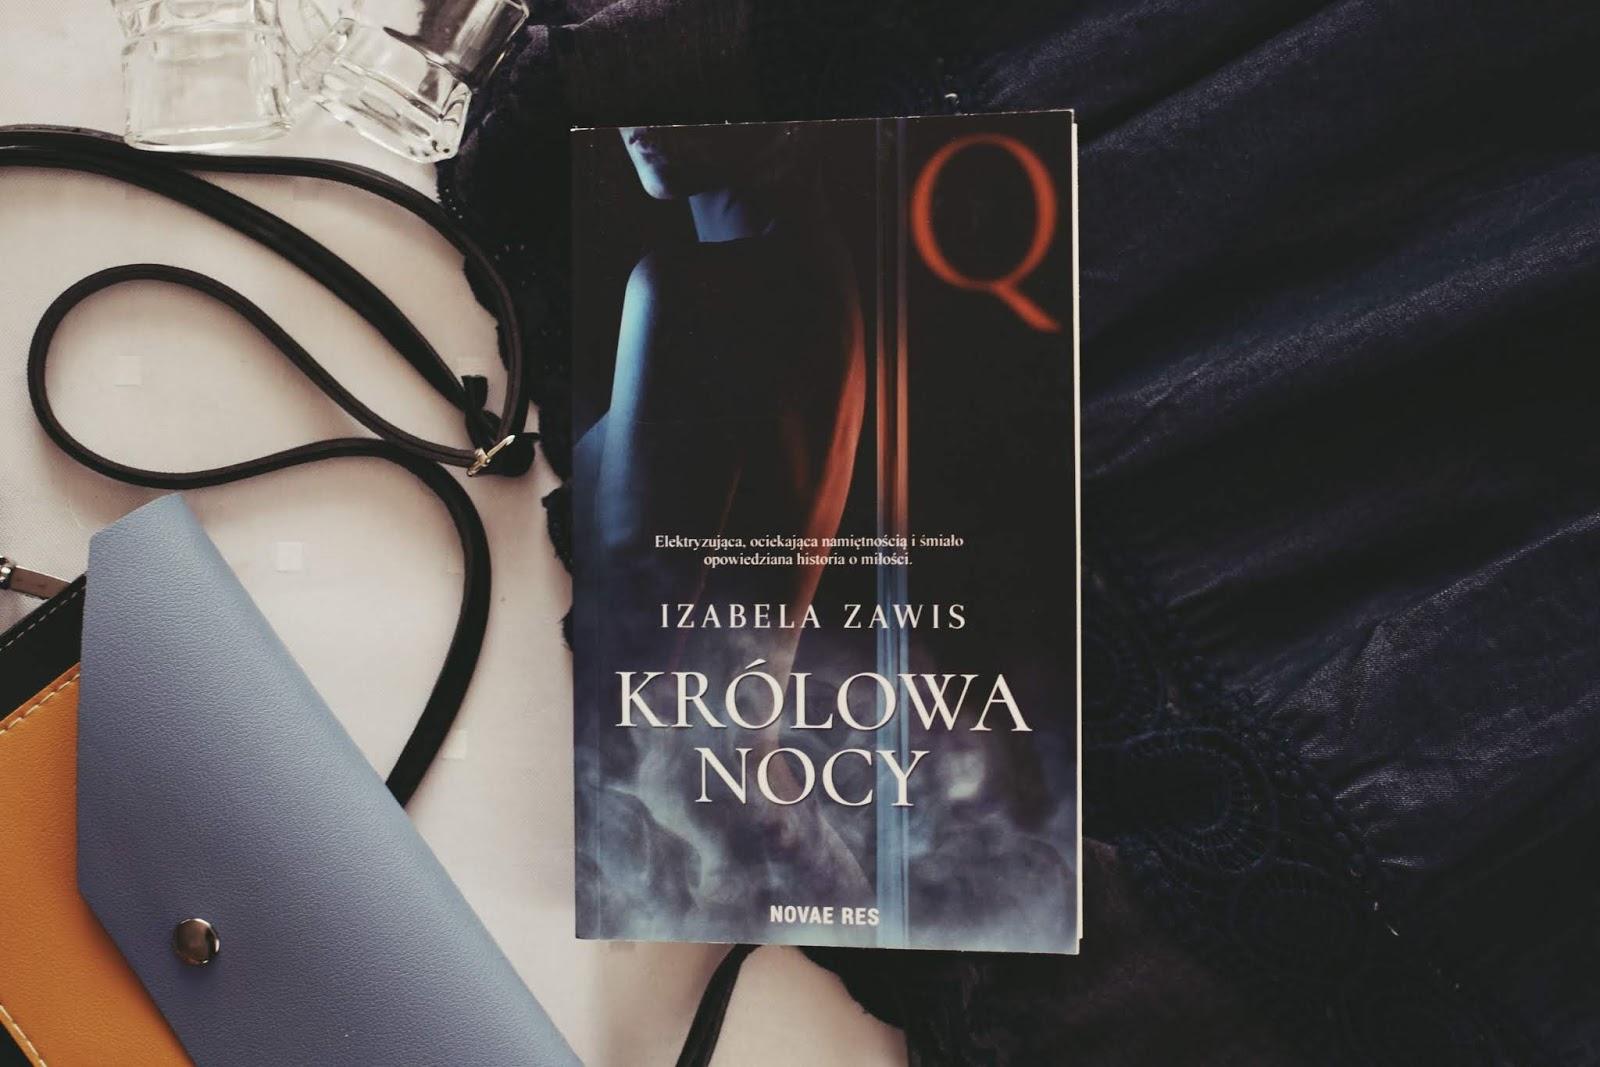 erotyk, IzabelaZawis, KrólowaNocy, opowiadanie, recenzja, romans, striptiz, taniec, WydawnictwoNovaeRes,